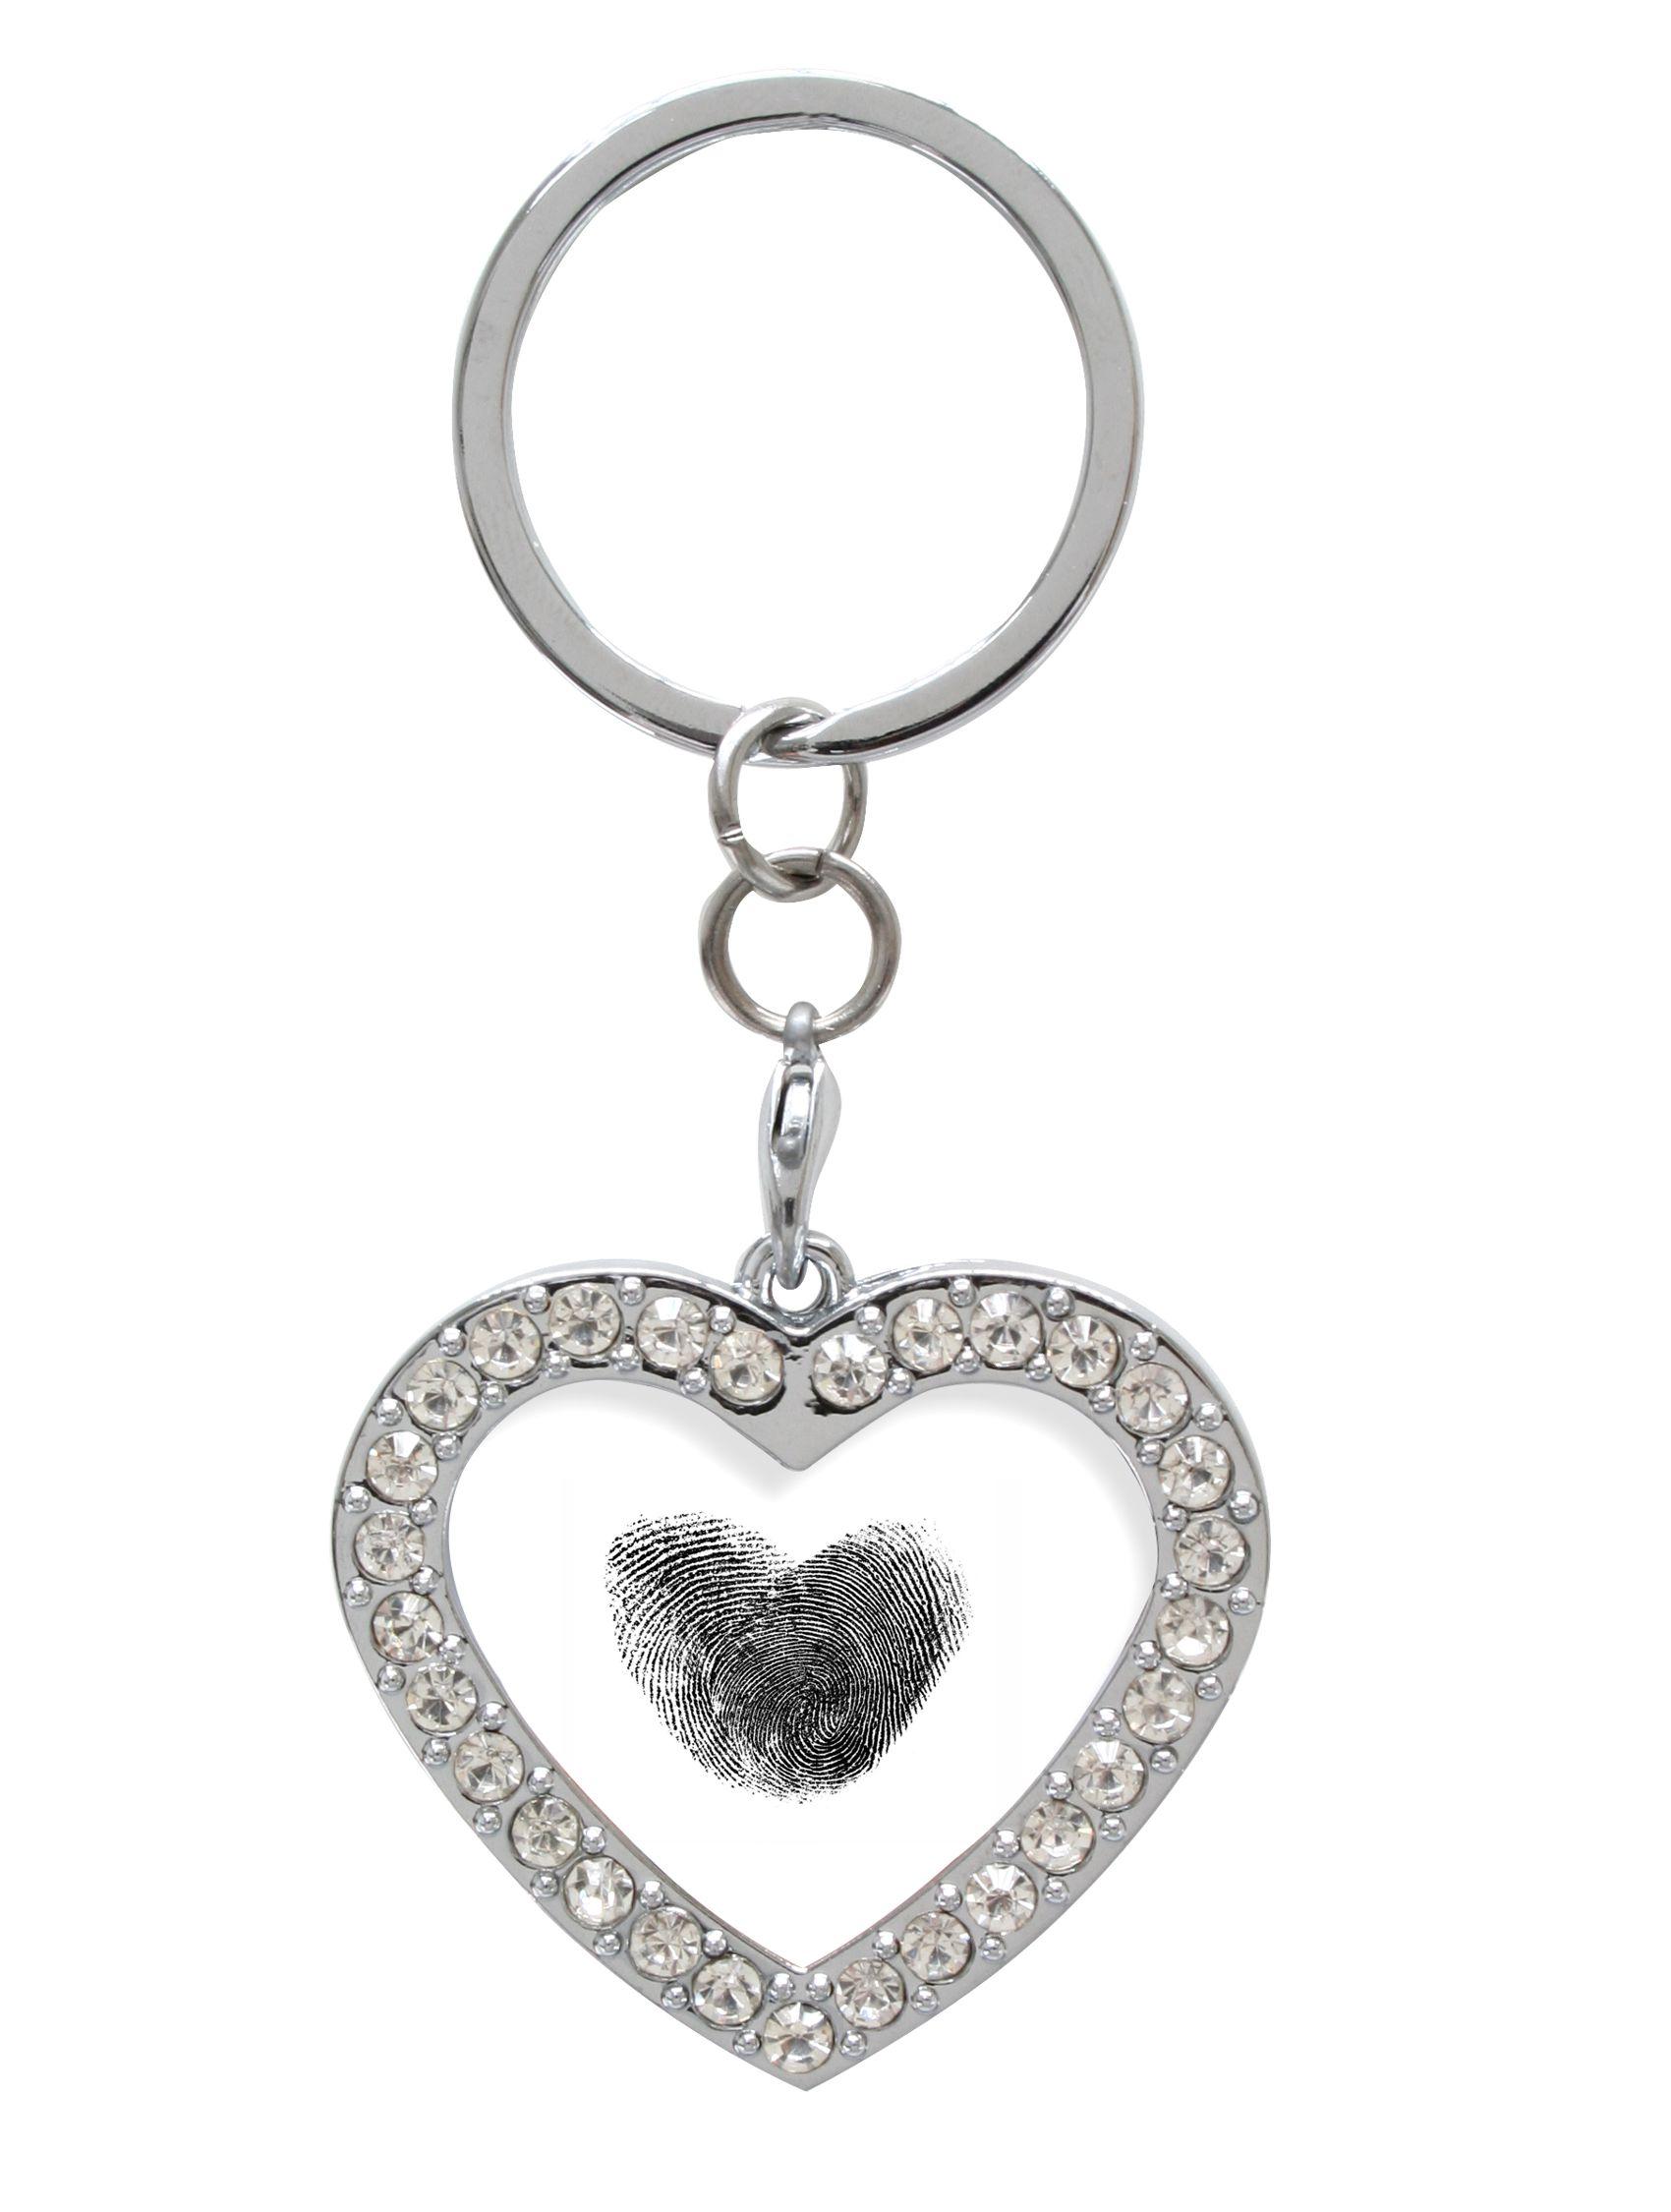 sleutelhanger hartvormig, met edelsteentjes S59NB5